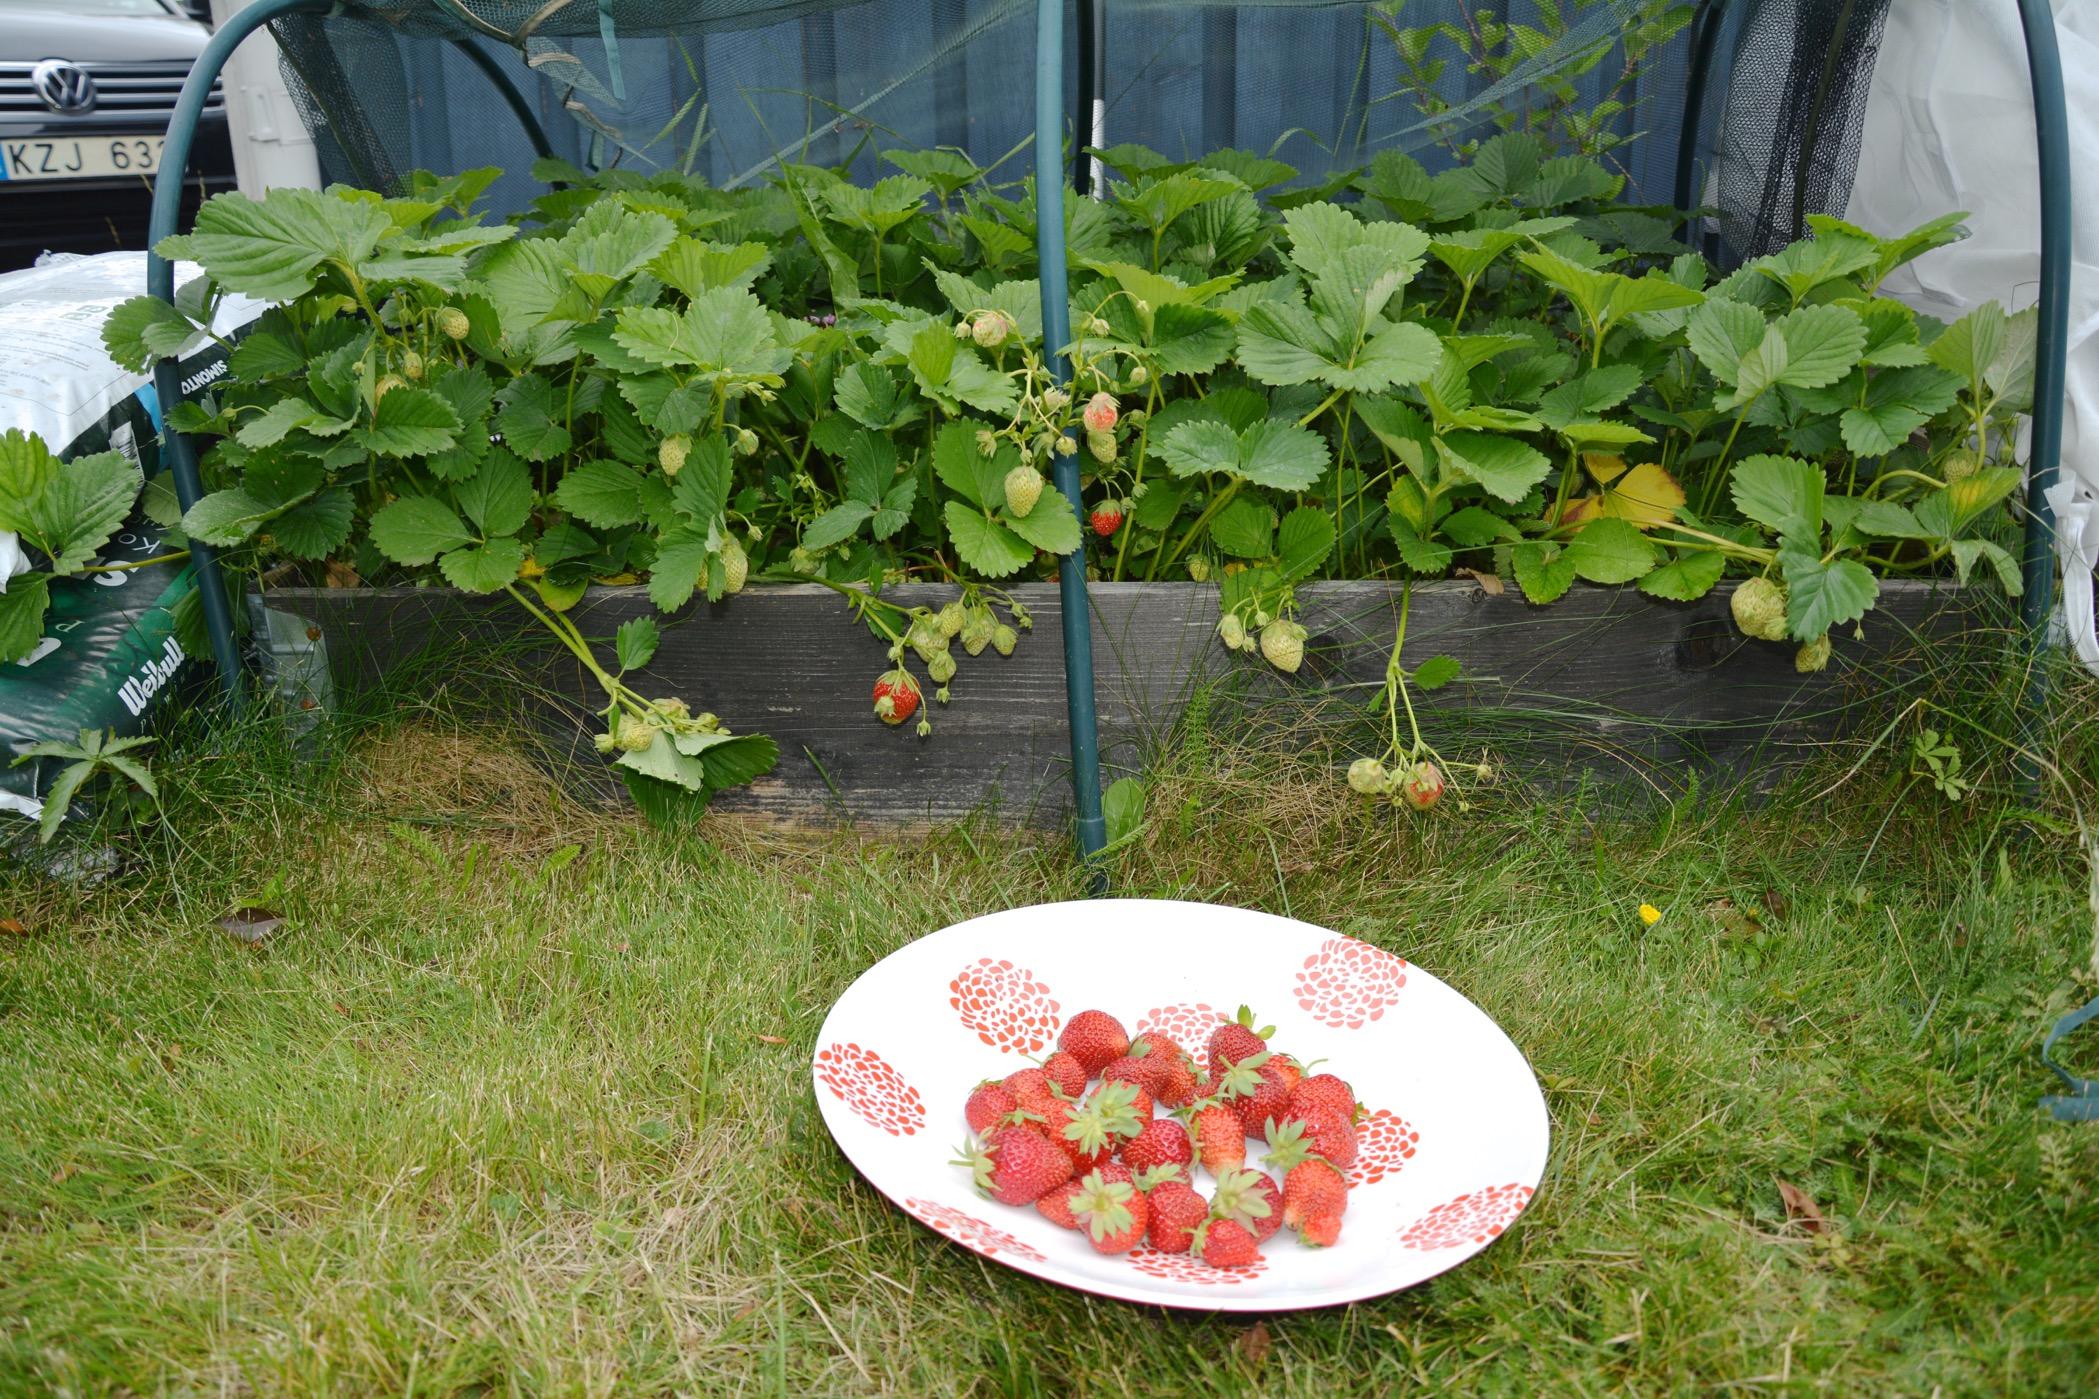 hur många jordgubbar i en pallkrage